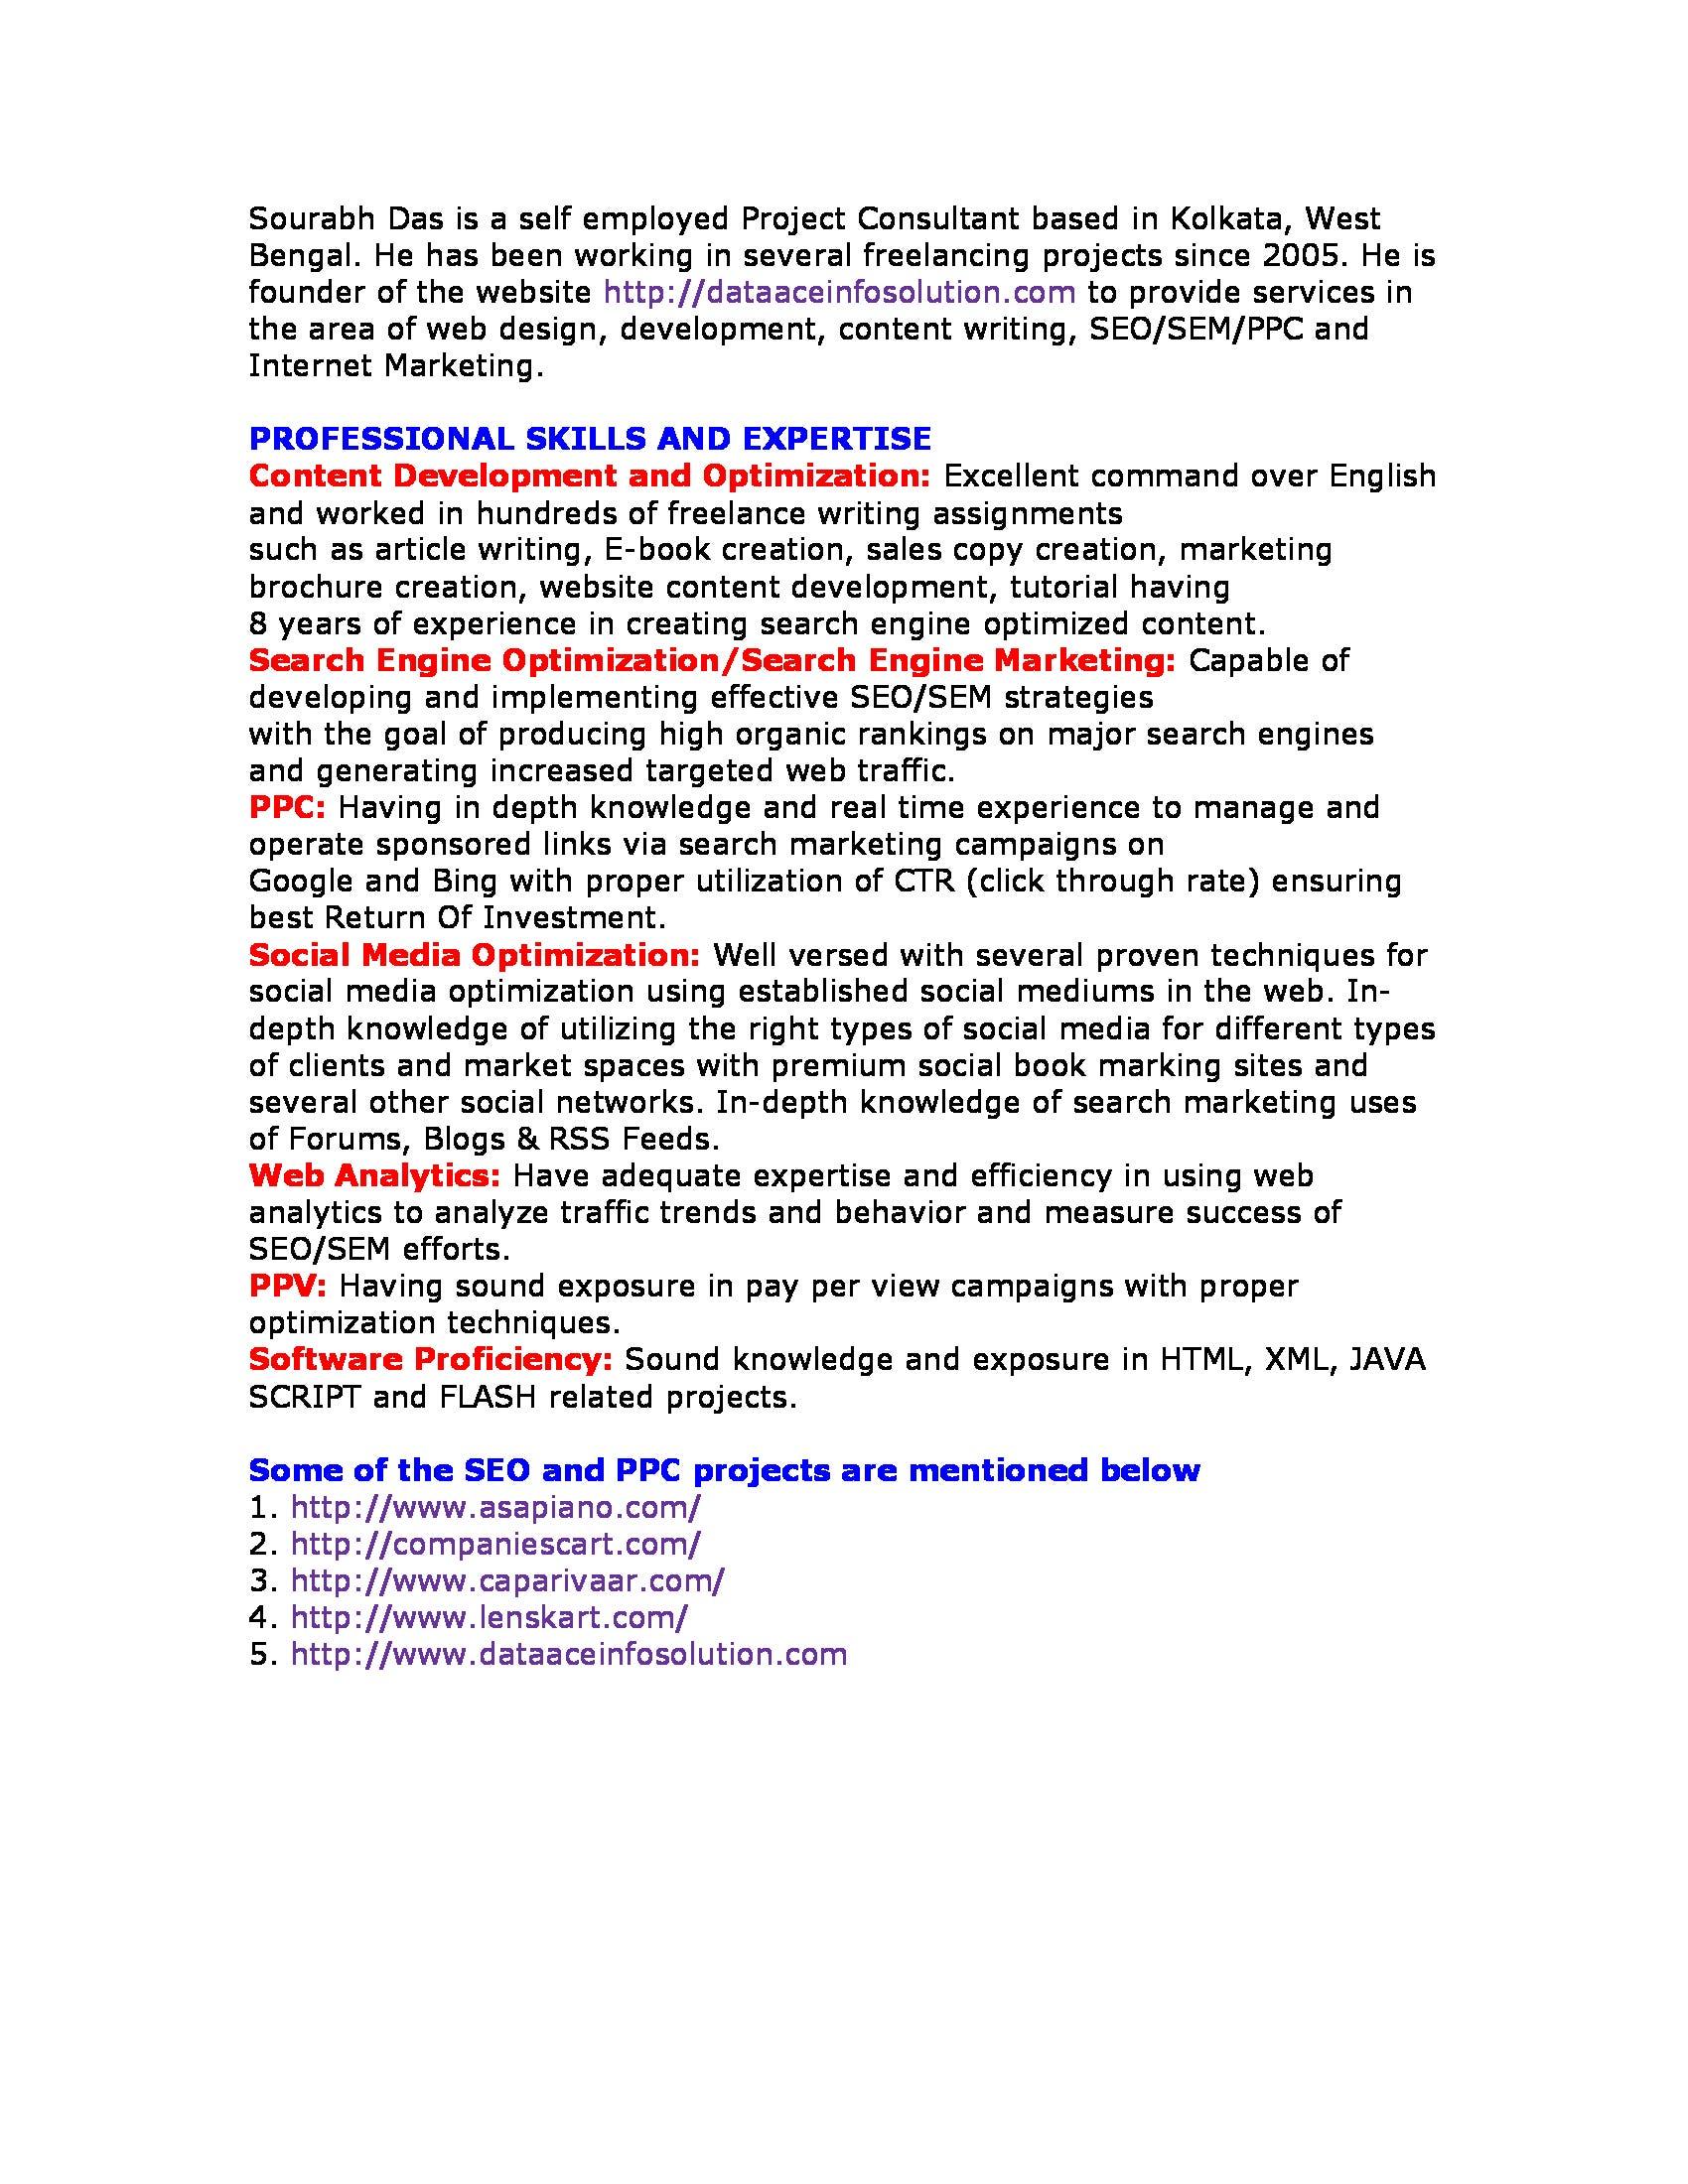 SEO& Content Service Provider